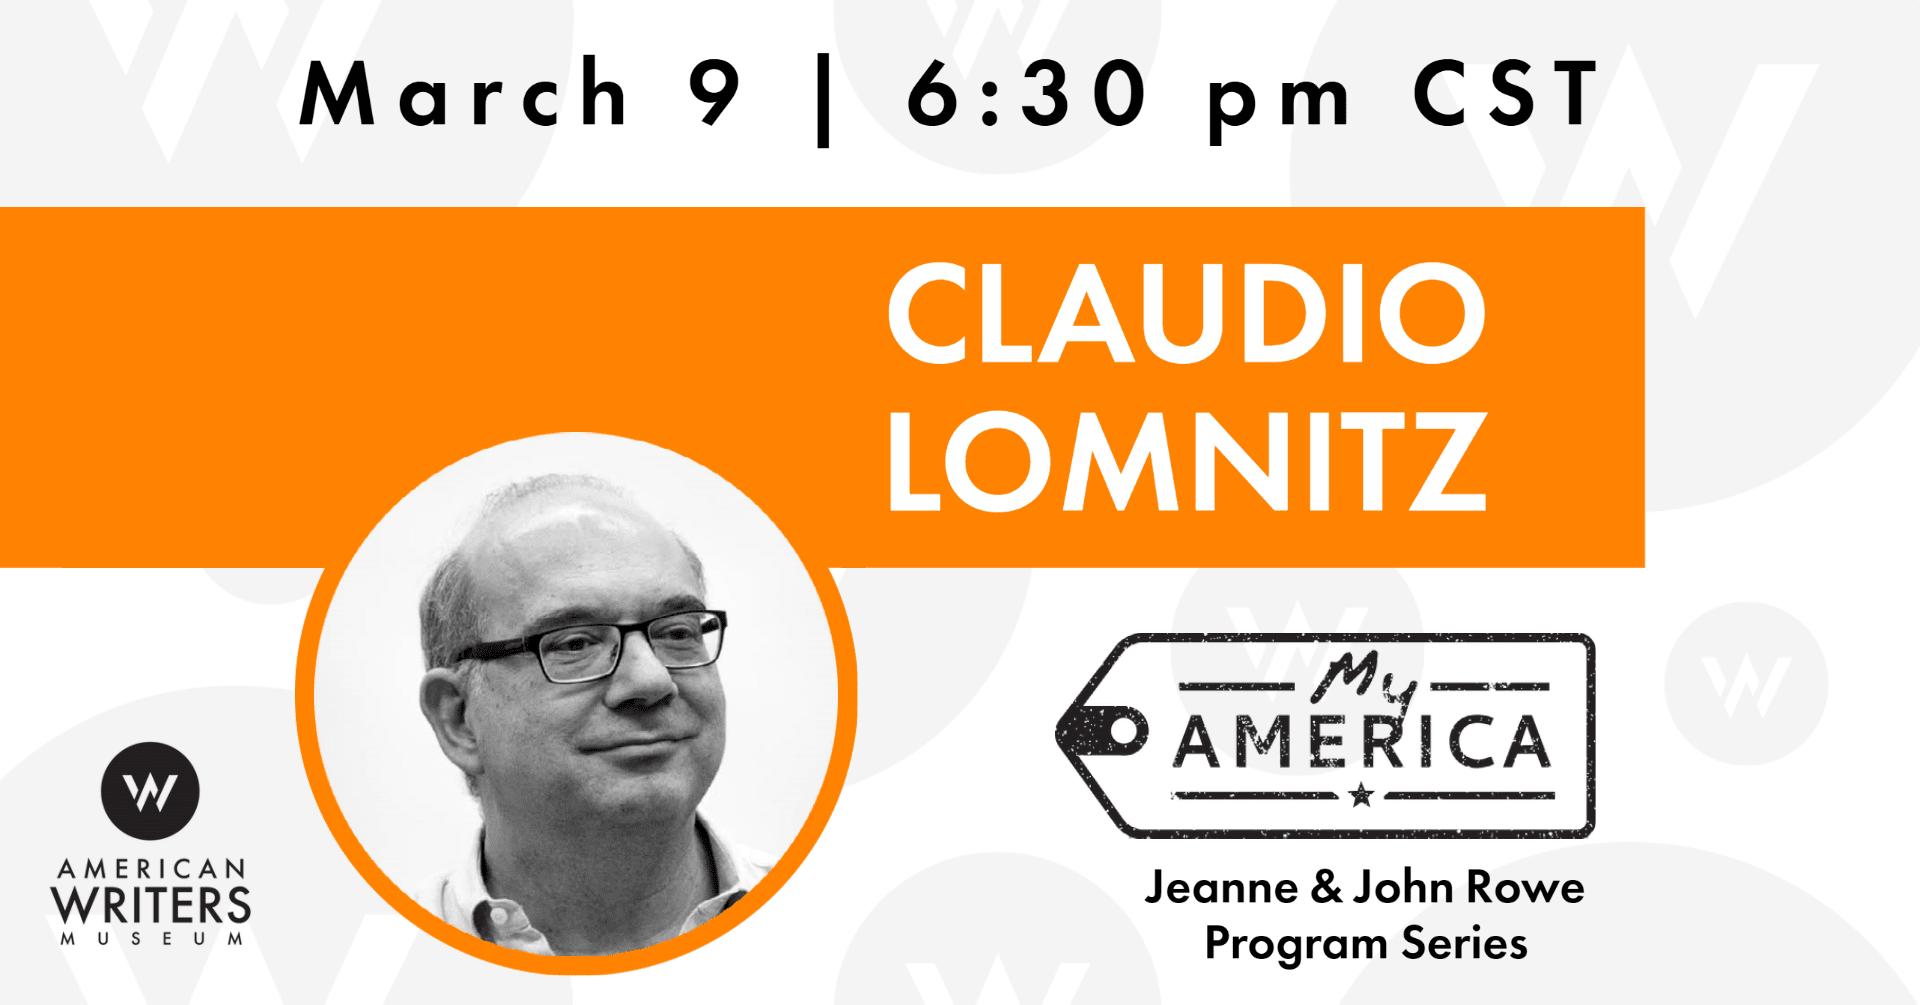 My America: Claudio Lomnitz